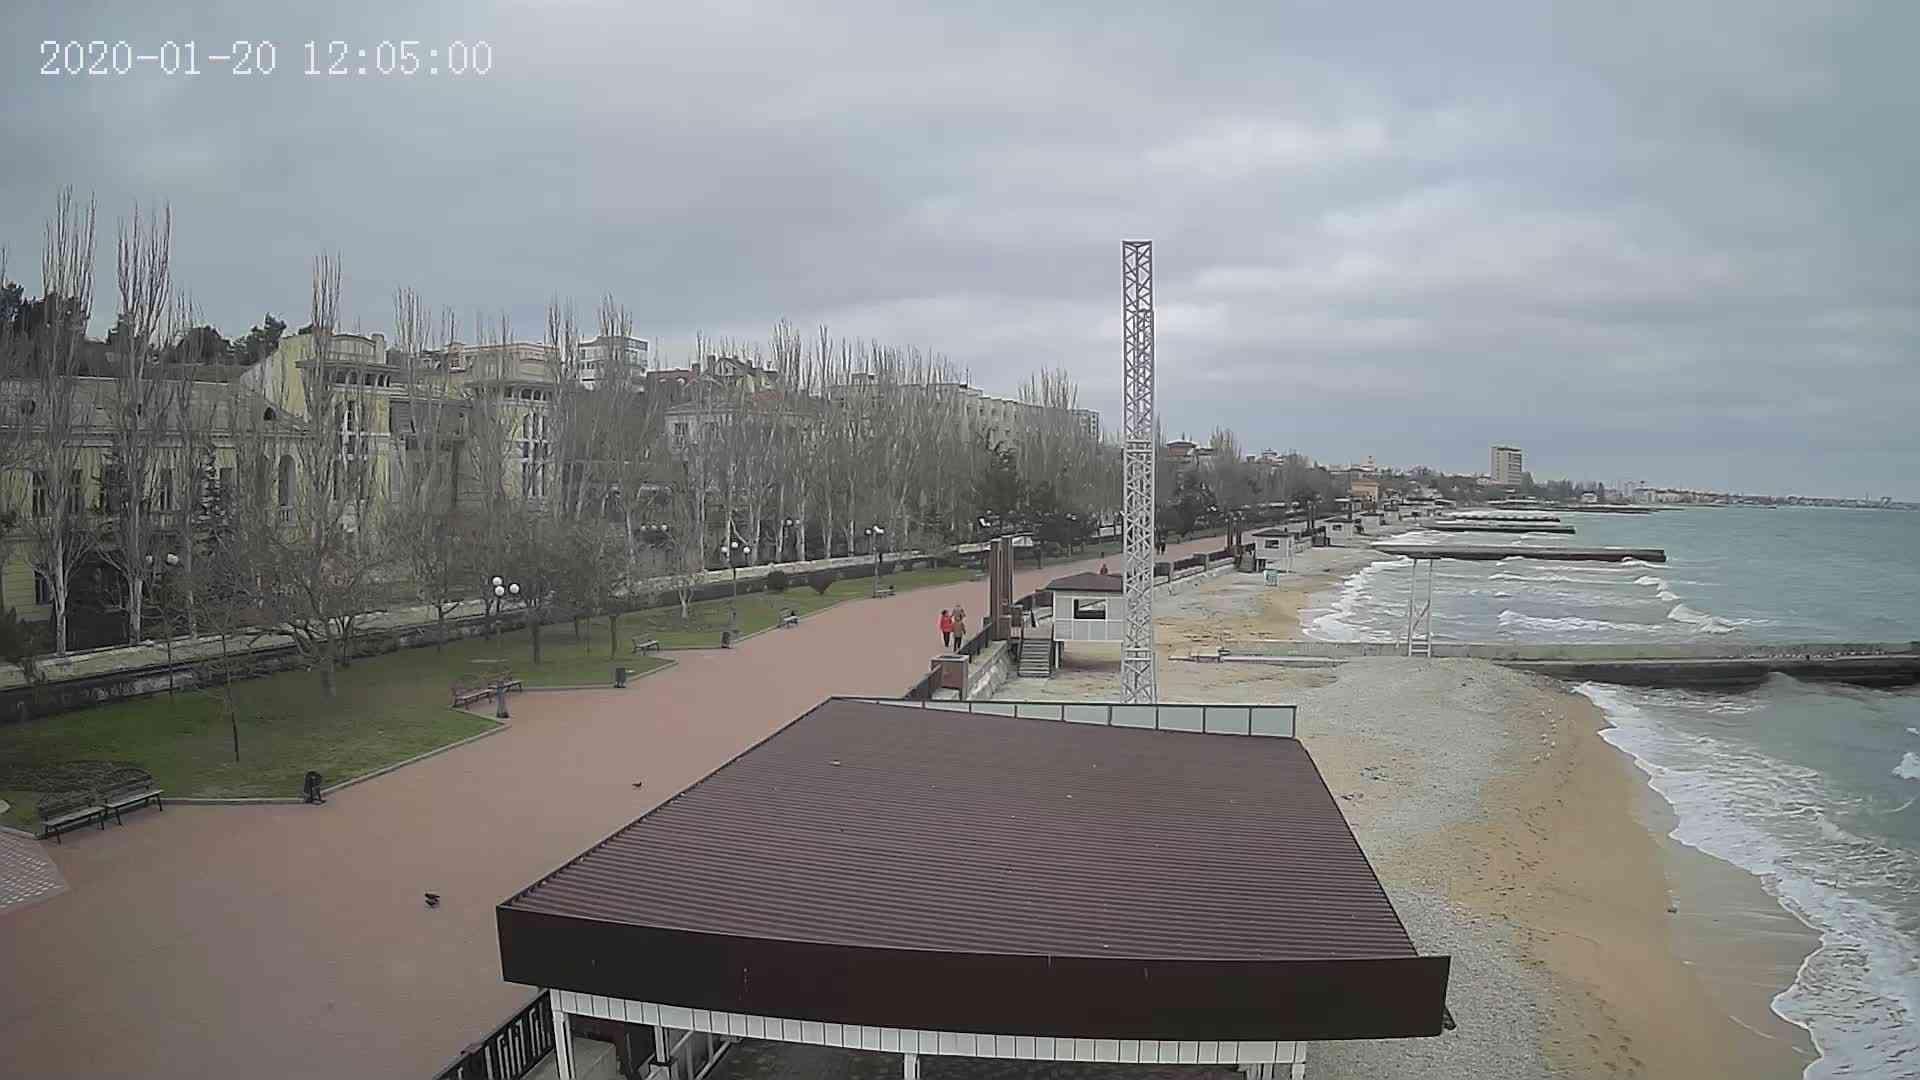 Веб-камеры Феодосии, Пляж Камешки, 2020-01-20 12:05:21